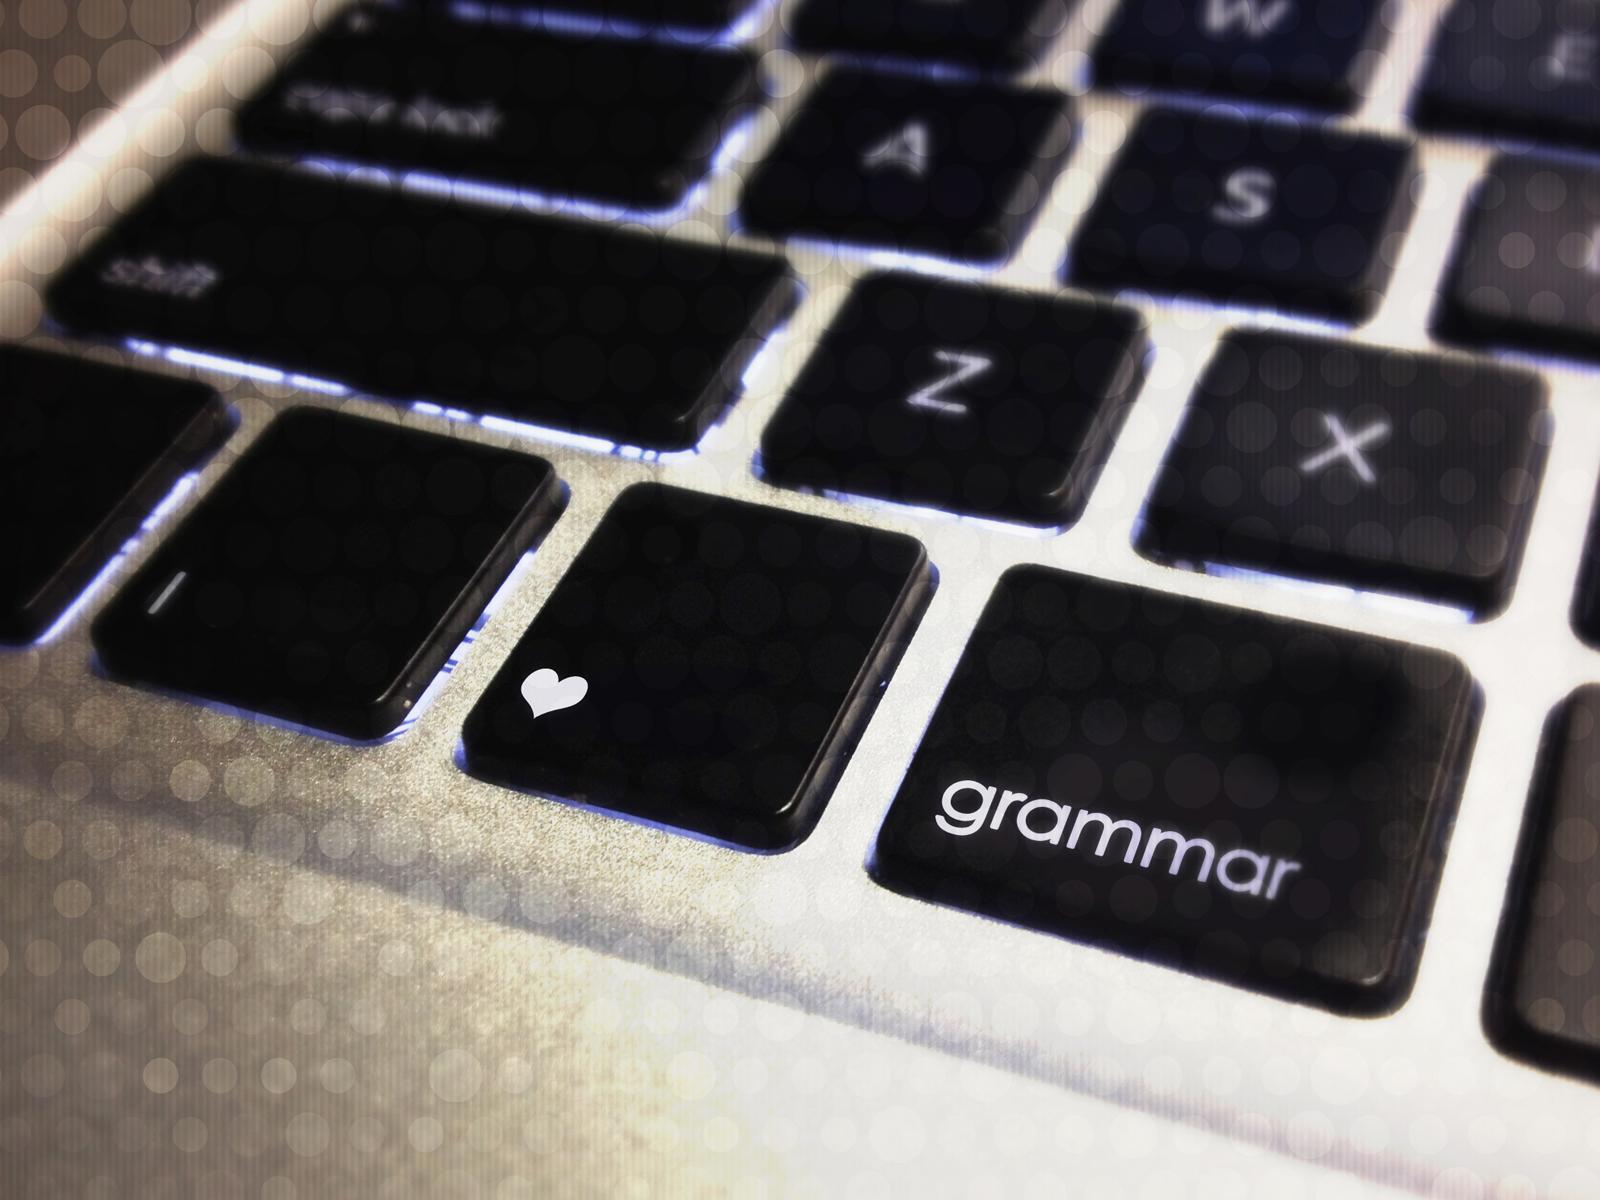 grammar-keyboard